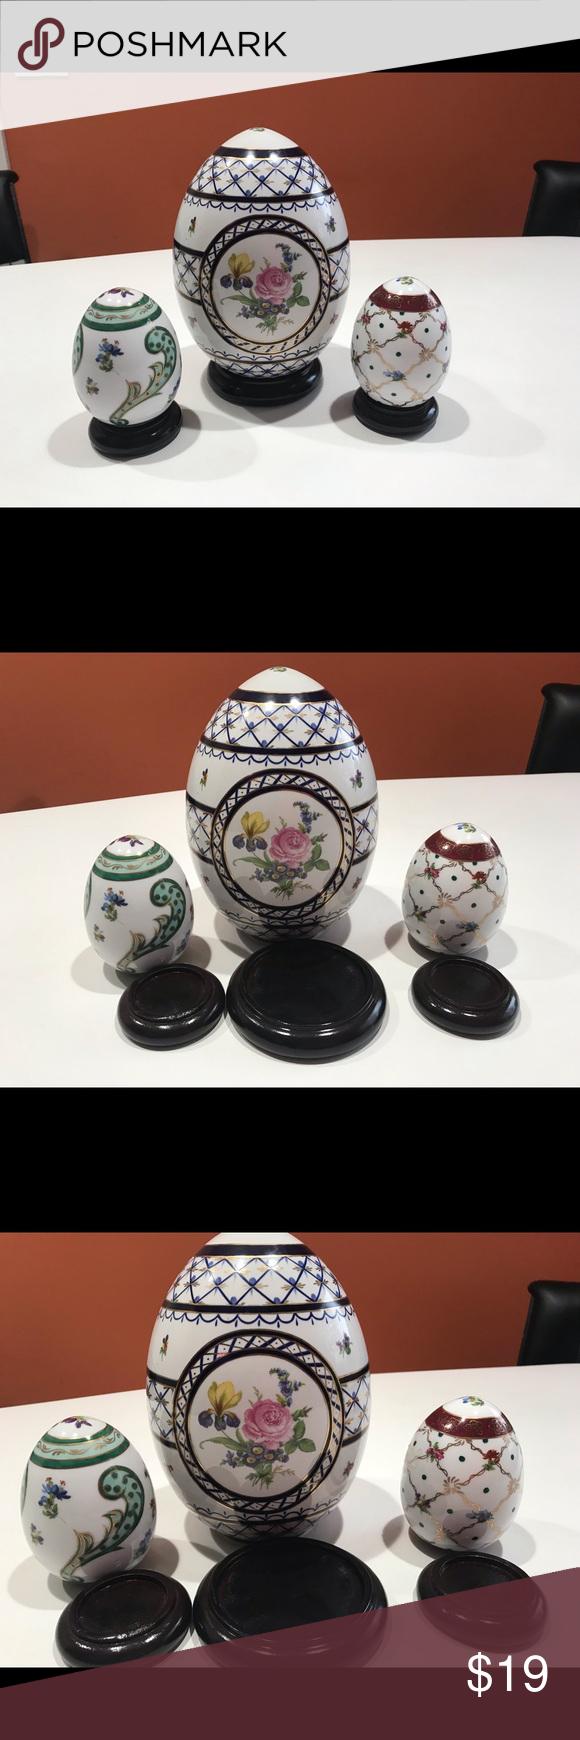 Beautiful Ceramic Eggs, Set Of 3 Pieces Ceramics